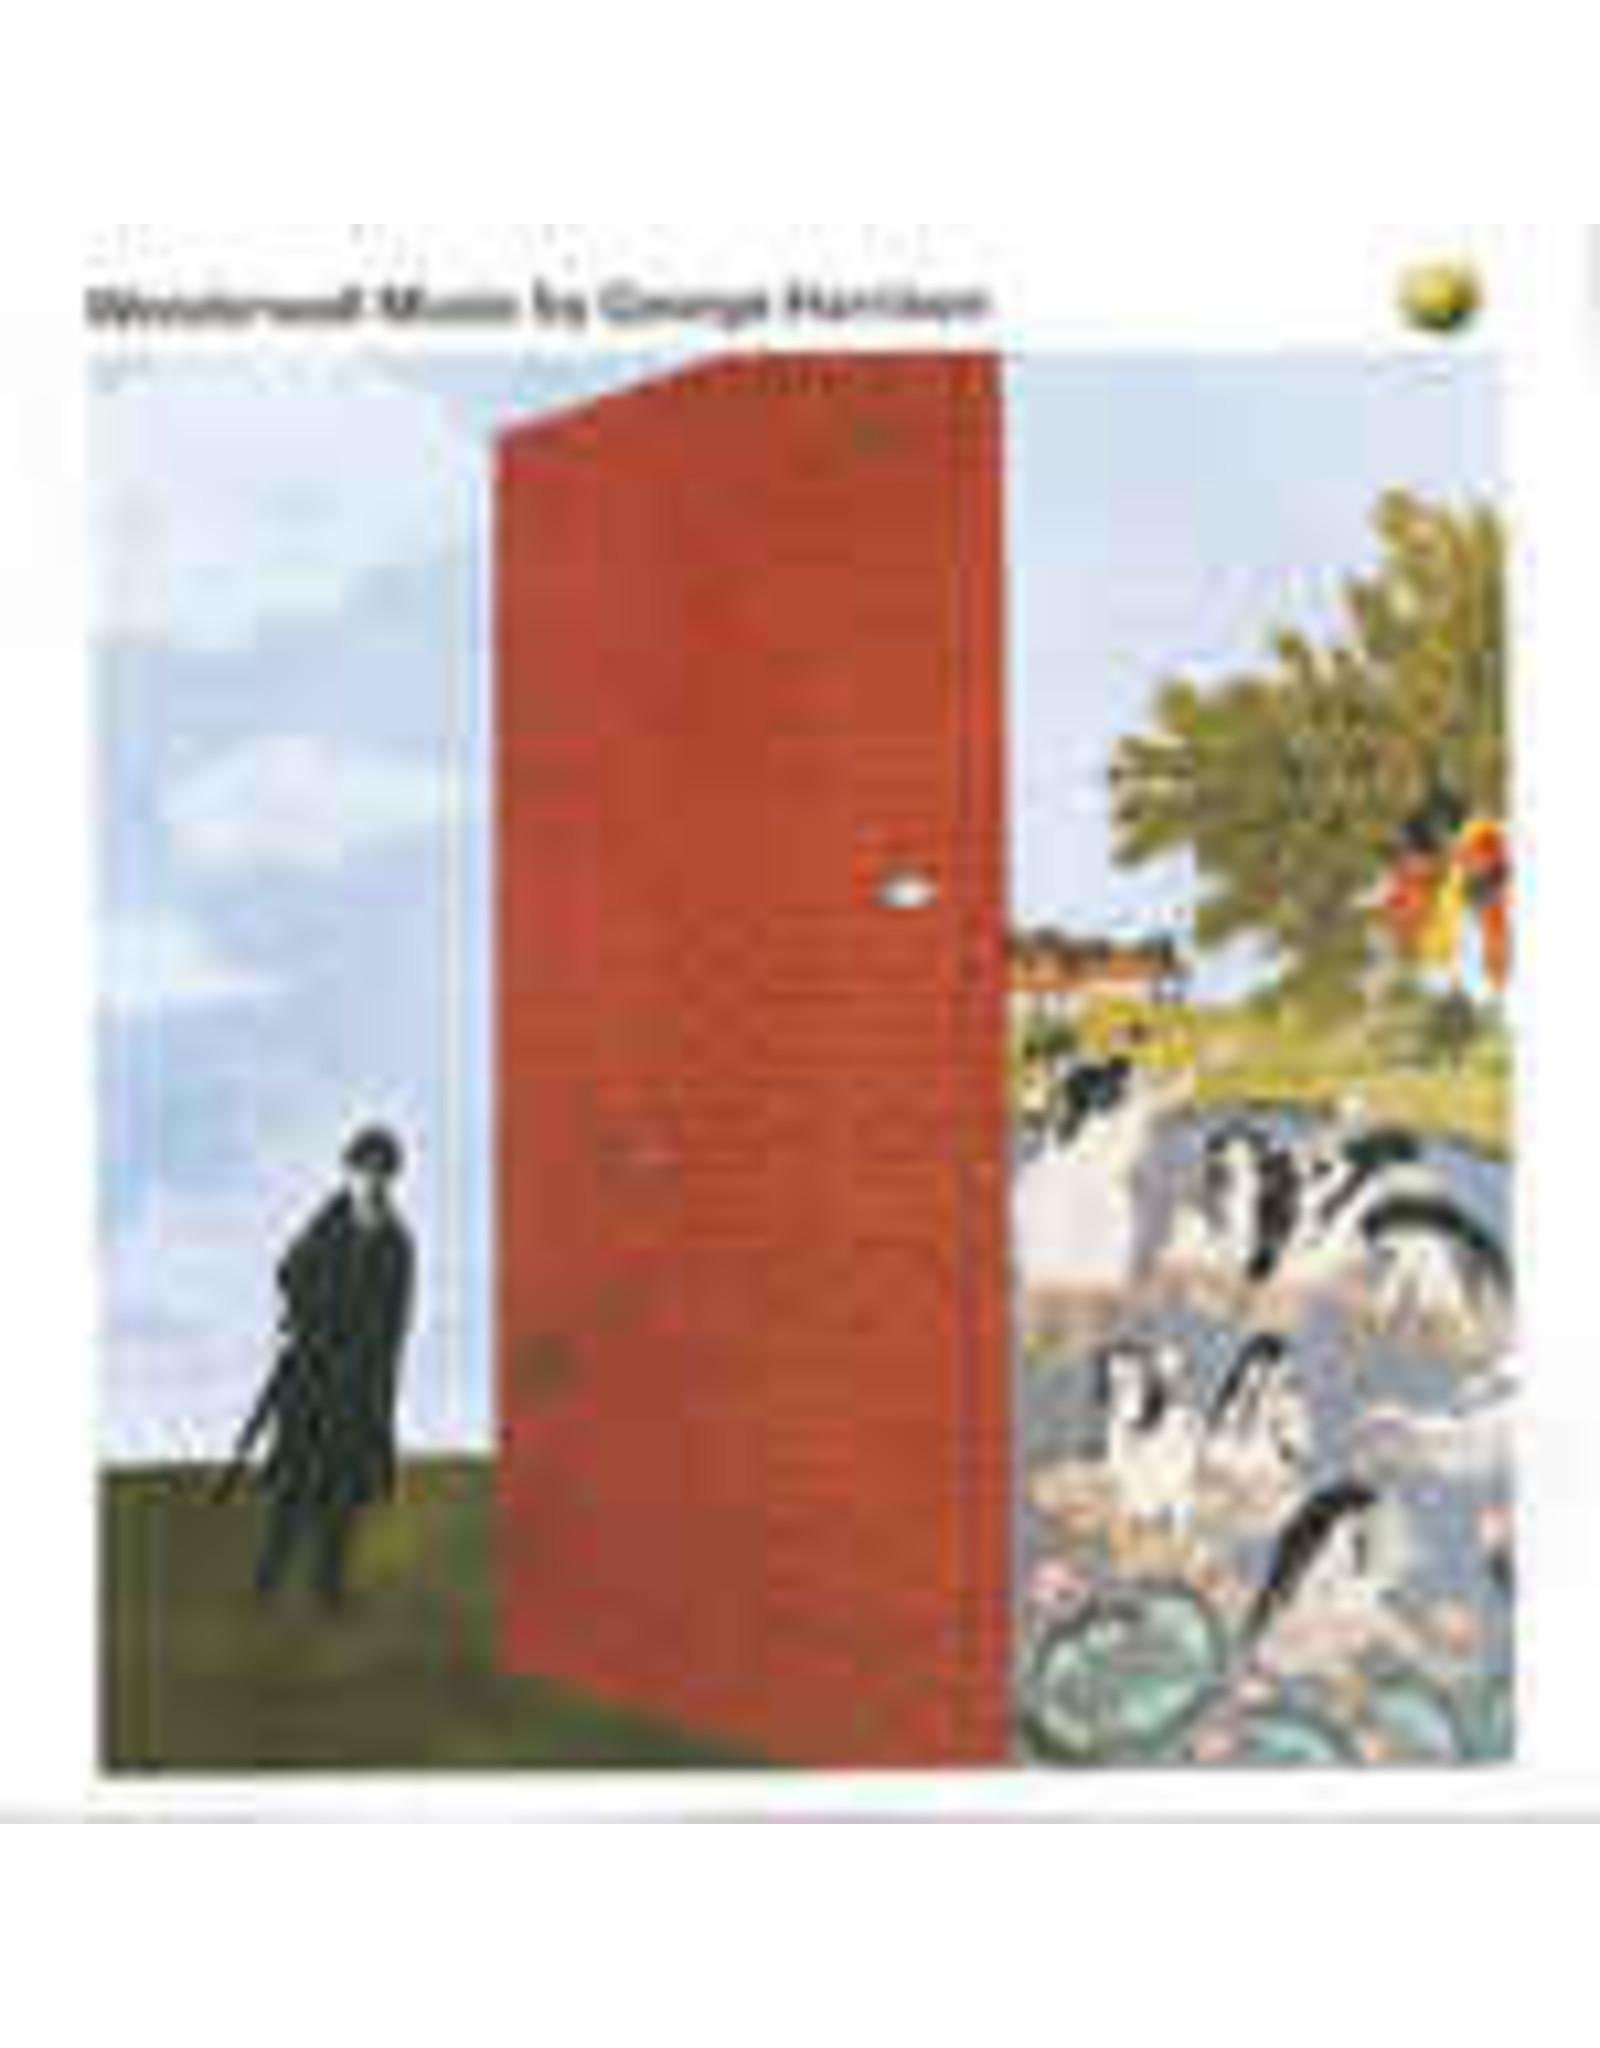 Harrison, George - Wonderwall LP